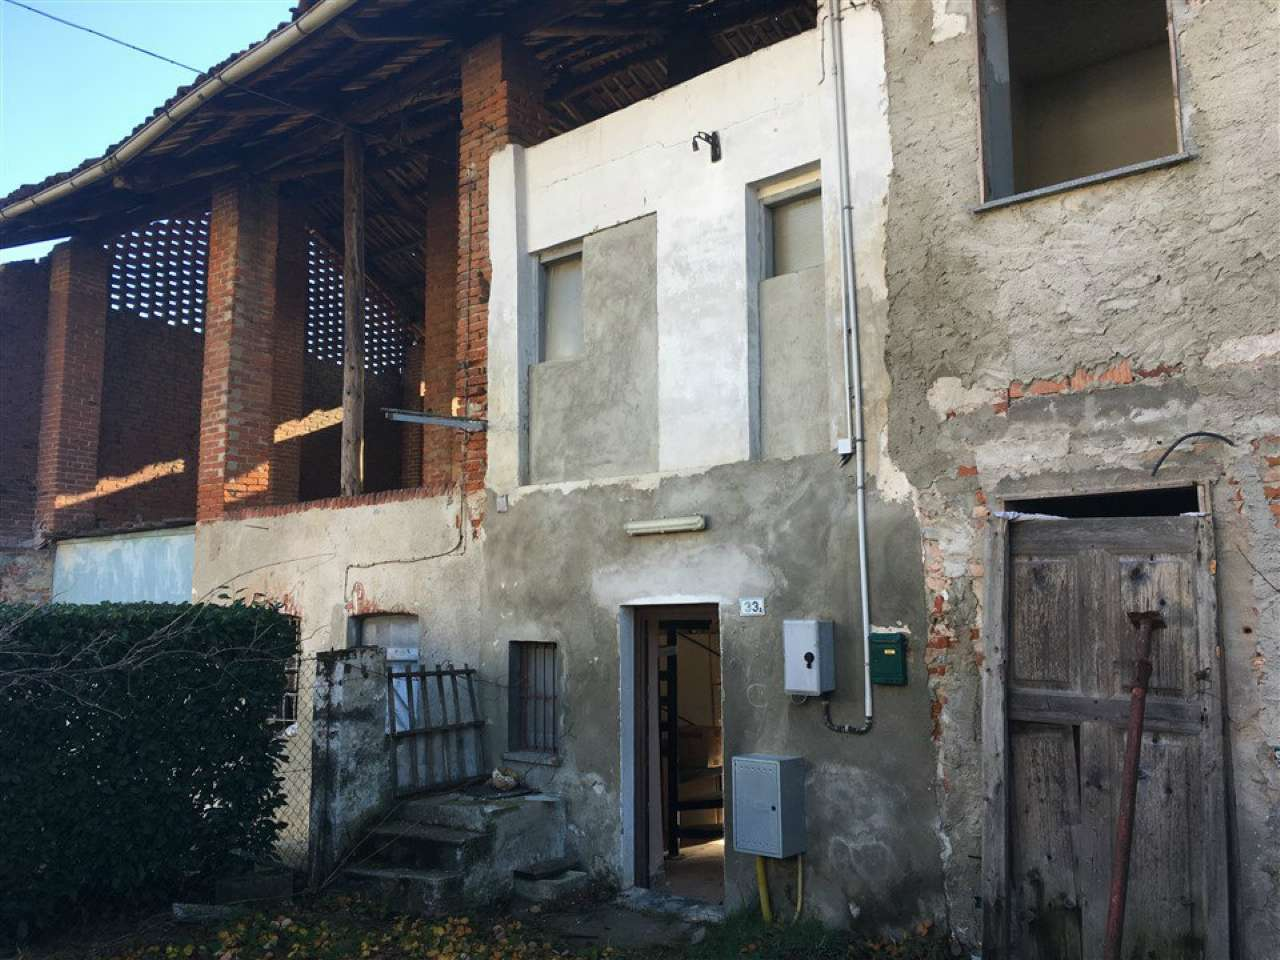 Villetta a Schiera in vendita indirizzo su richiesta Rivarolo Canavese